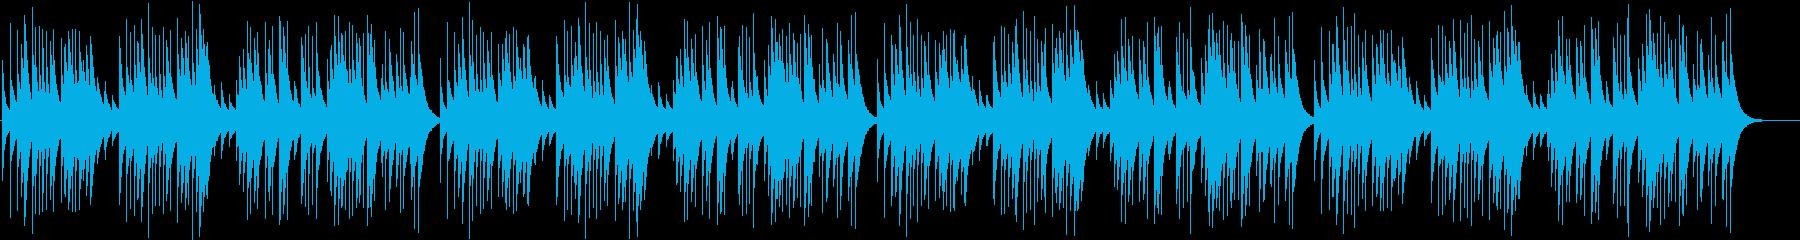 儚さを感じるクラシック曲【オルゴール】の再生済みの波形